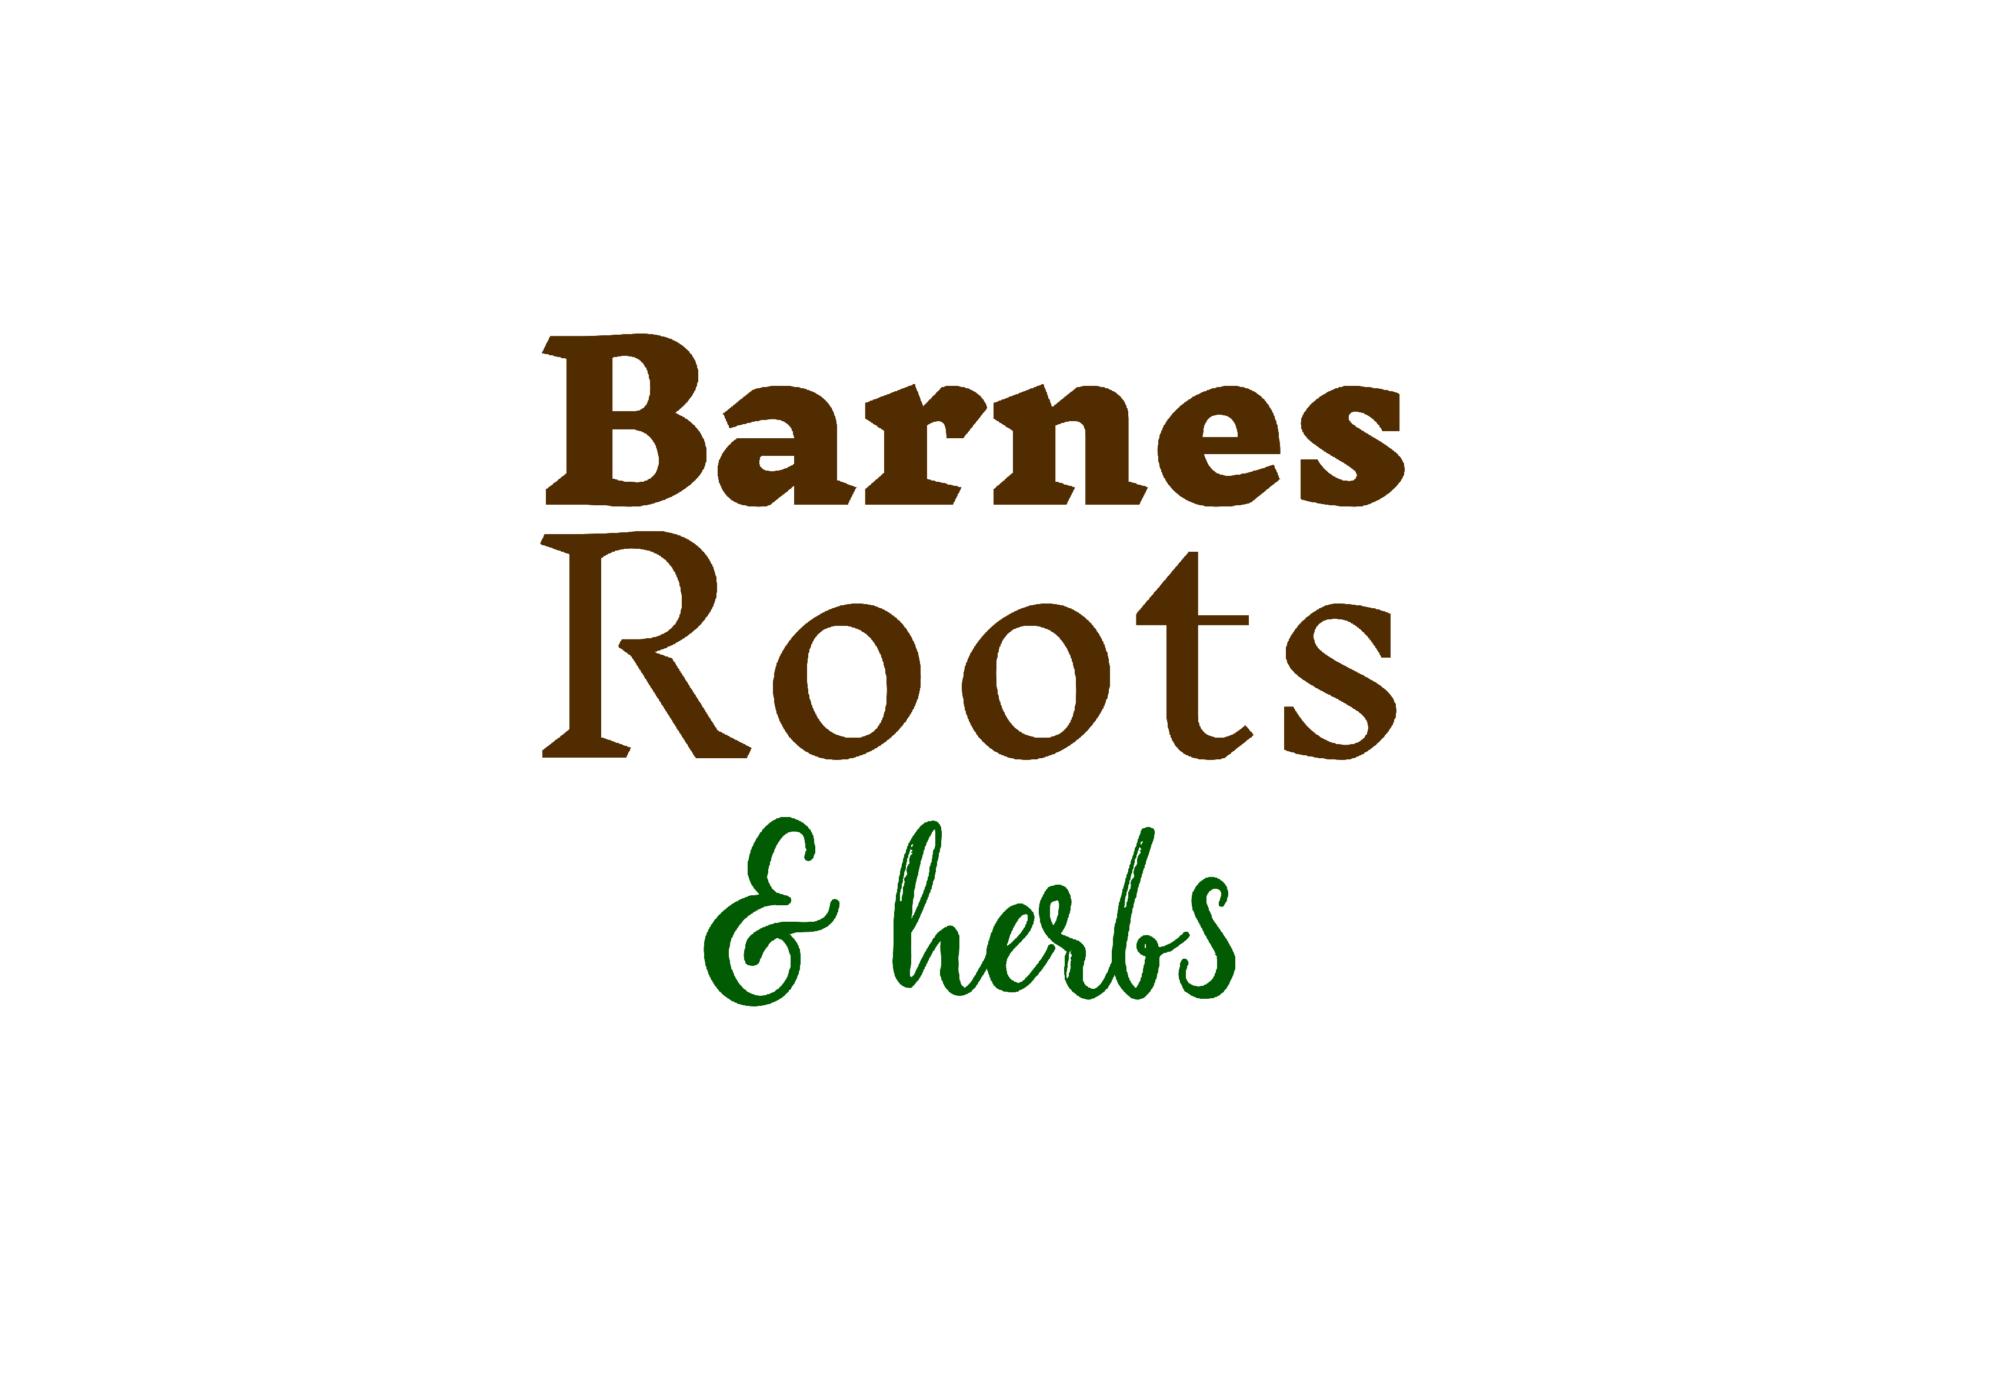 Barnes Roots & Herbs LLC